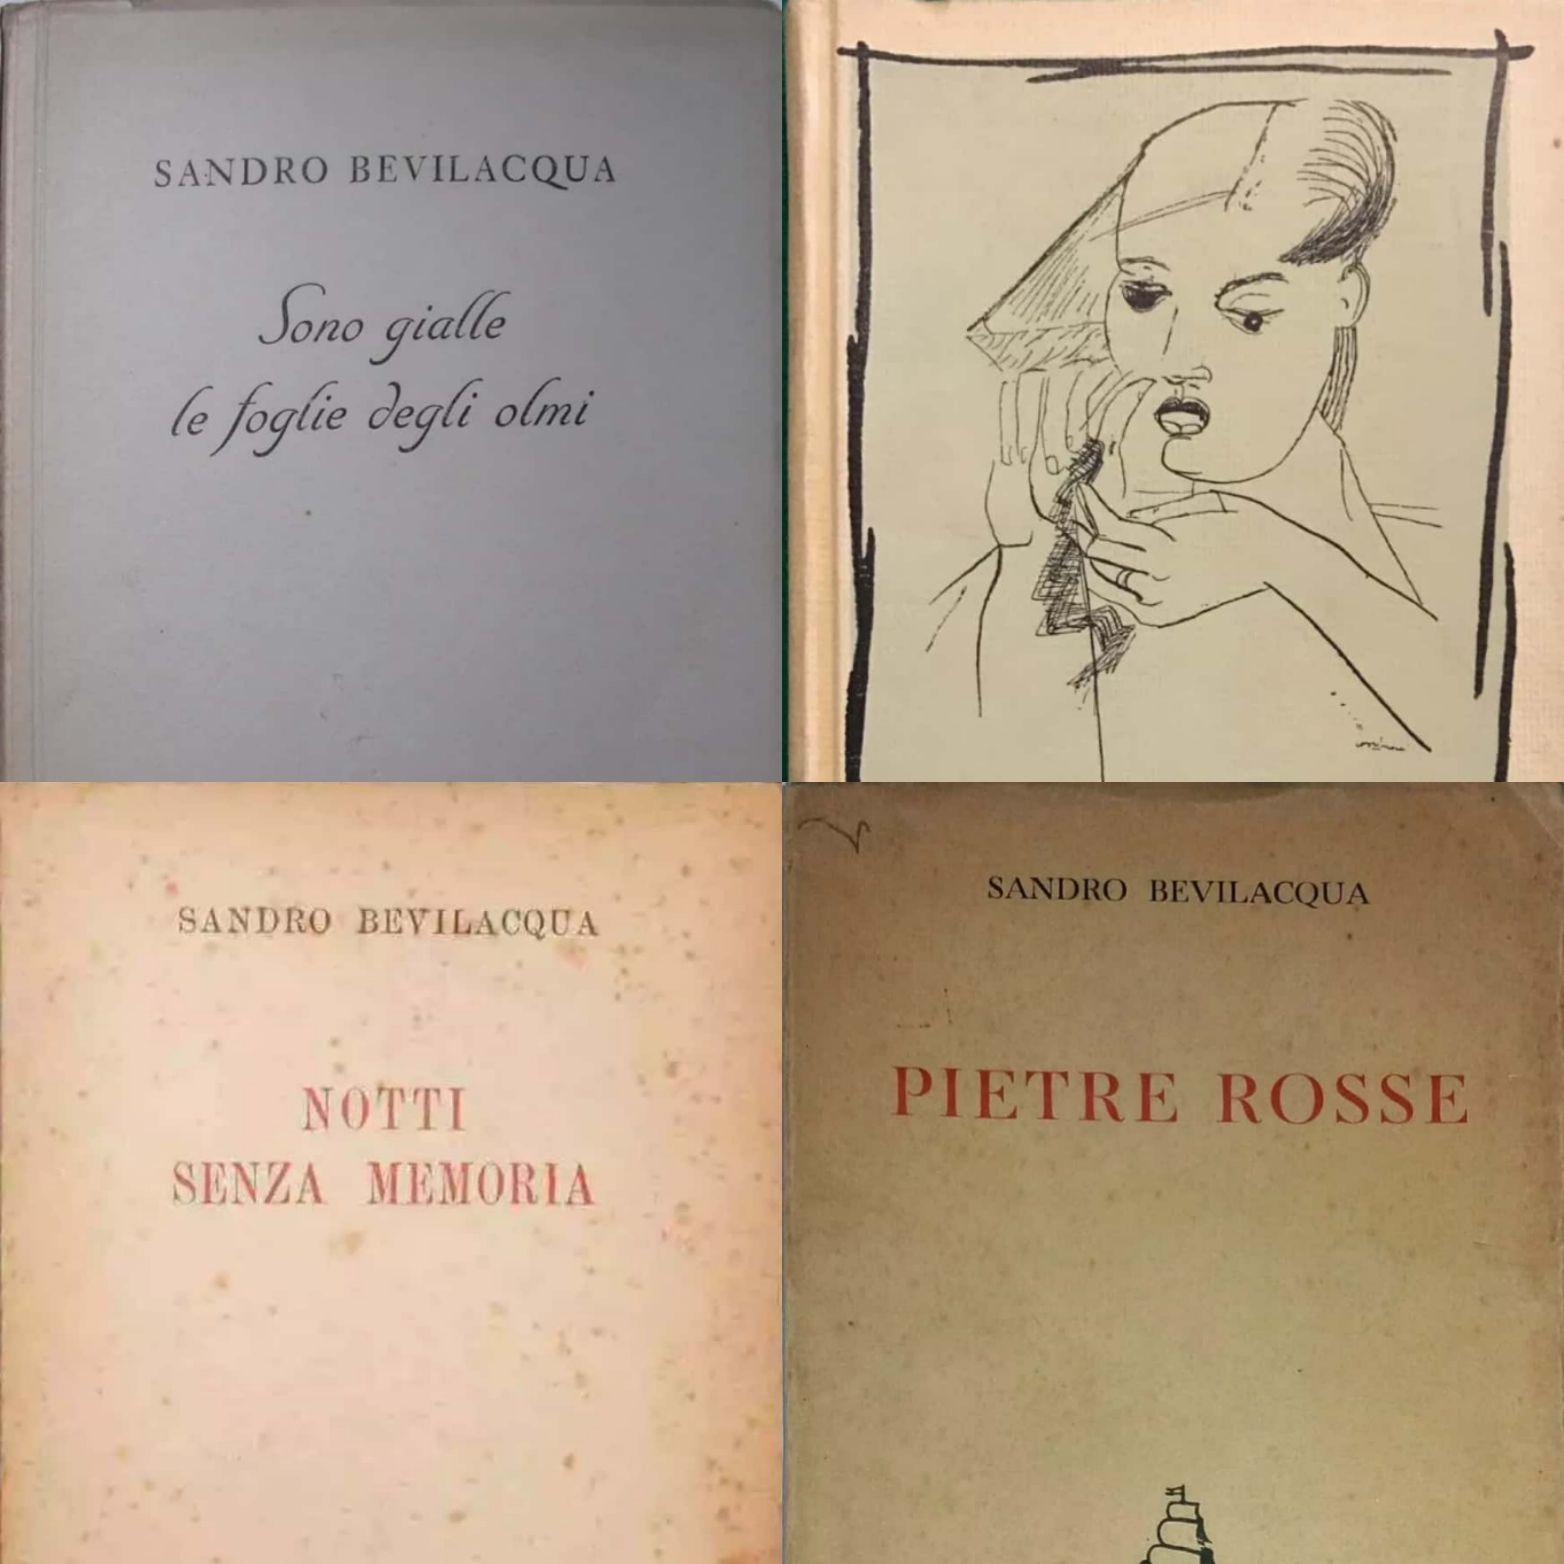 Diamo uno sguardo ai primi libri (e rispettive valutazioni) di Sandro Bevilacqua